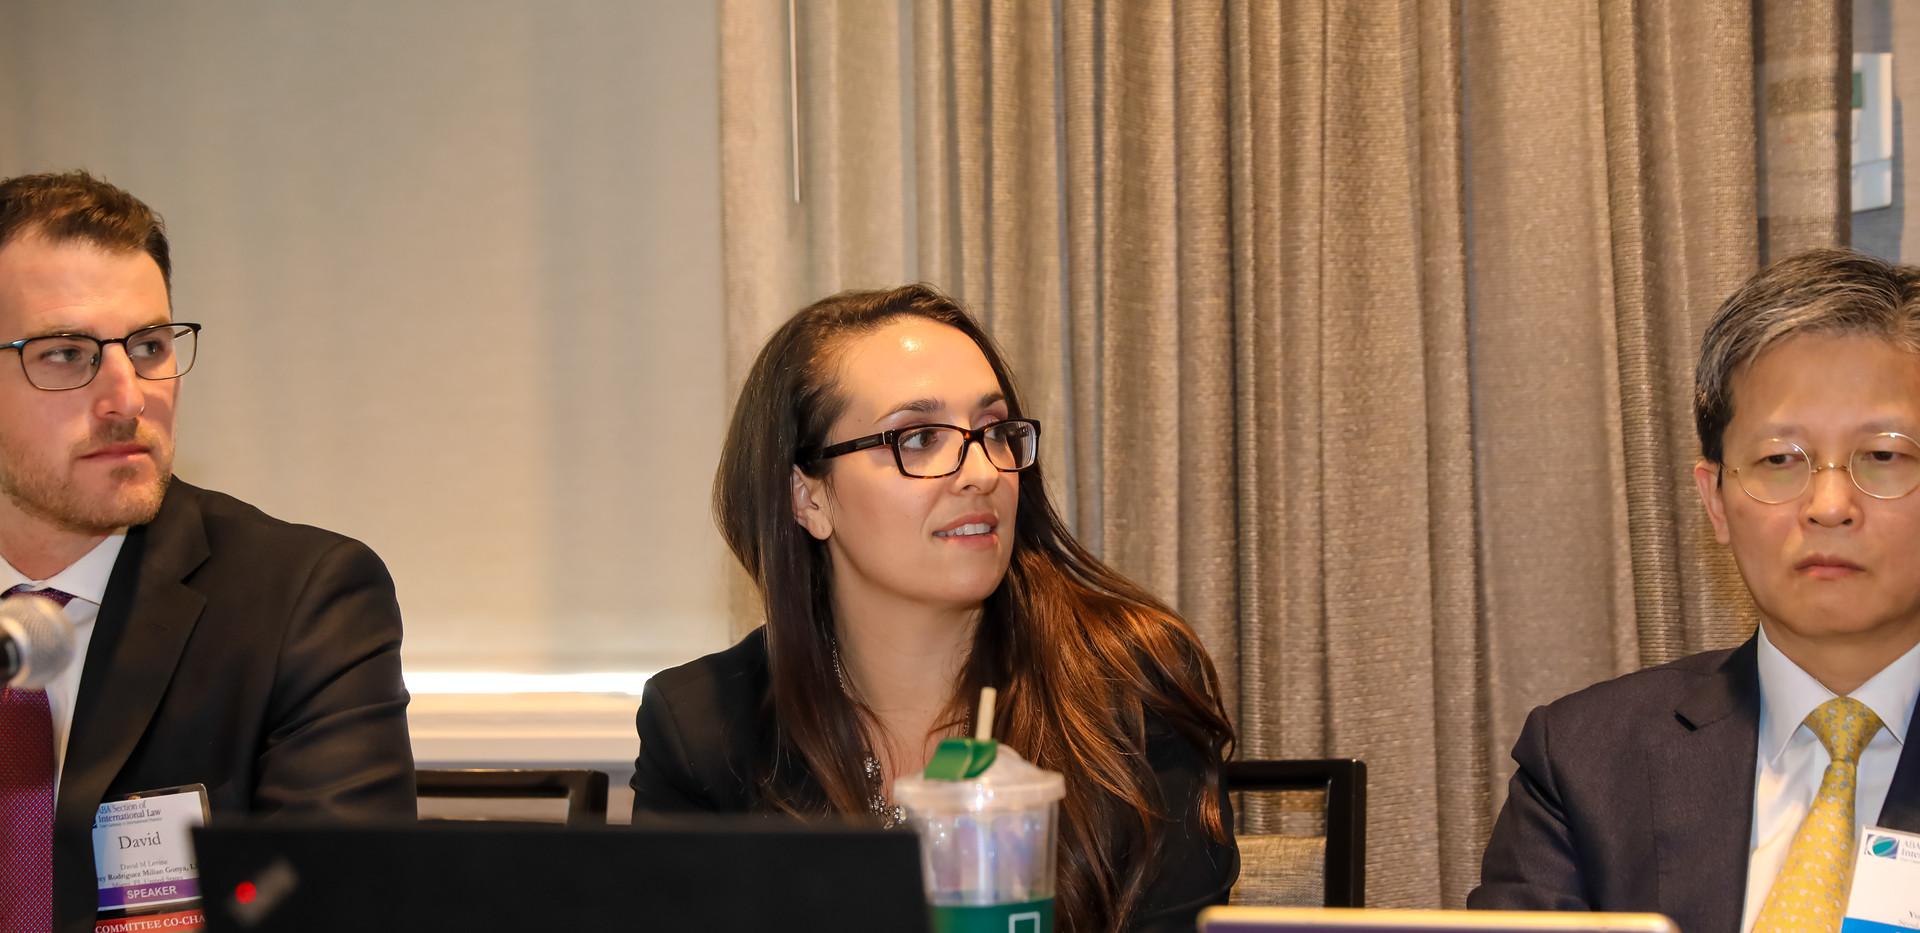 Attorney Danielle Dudai